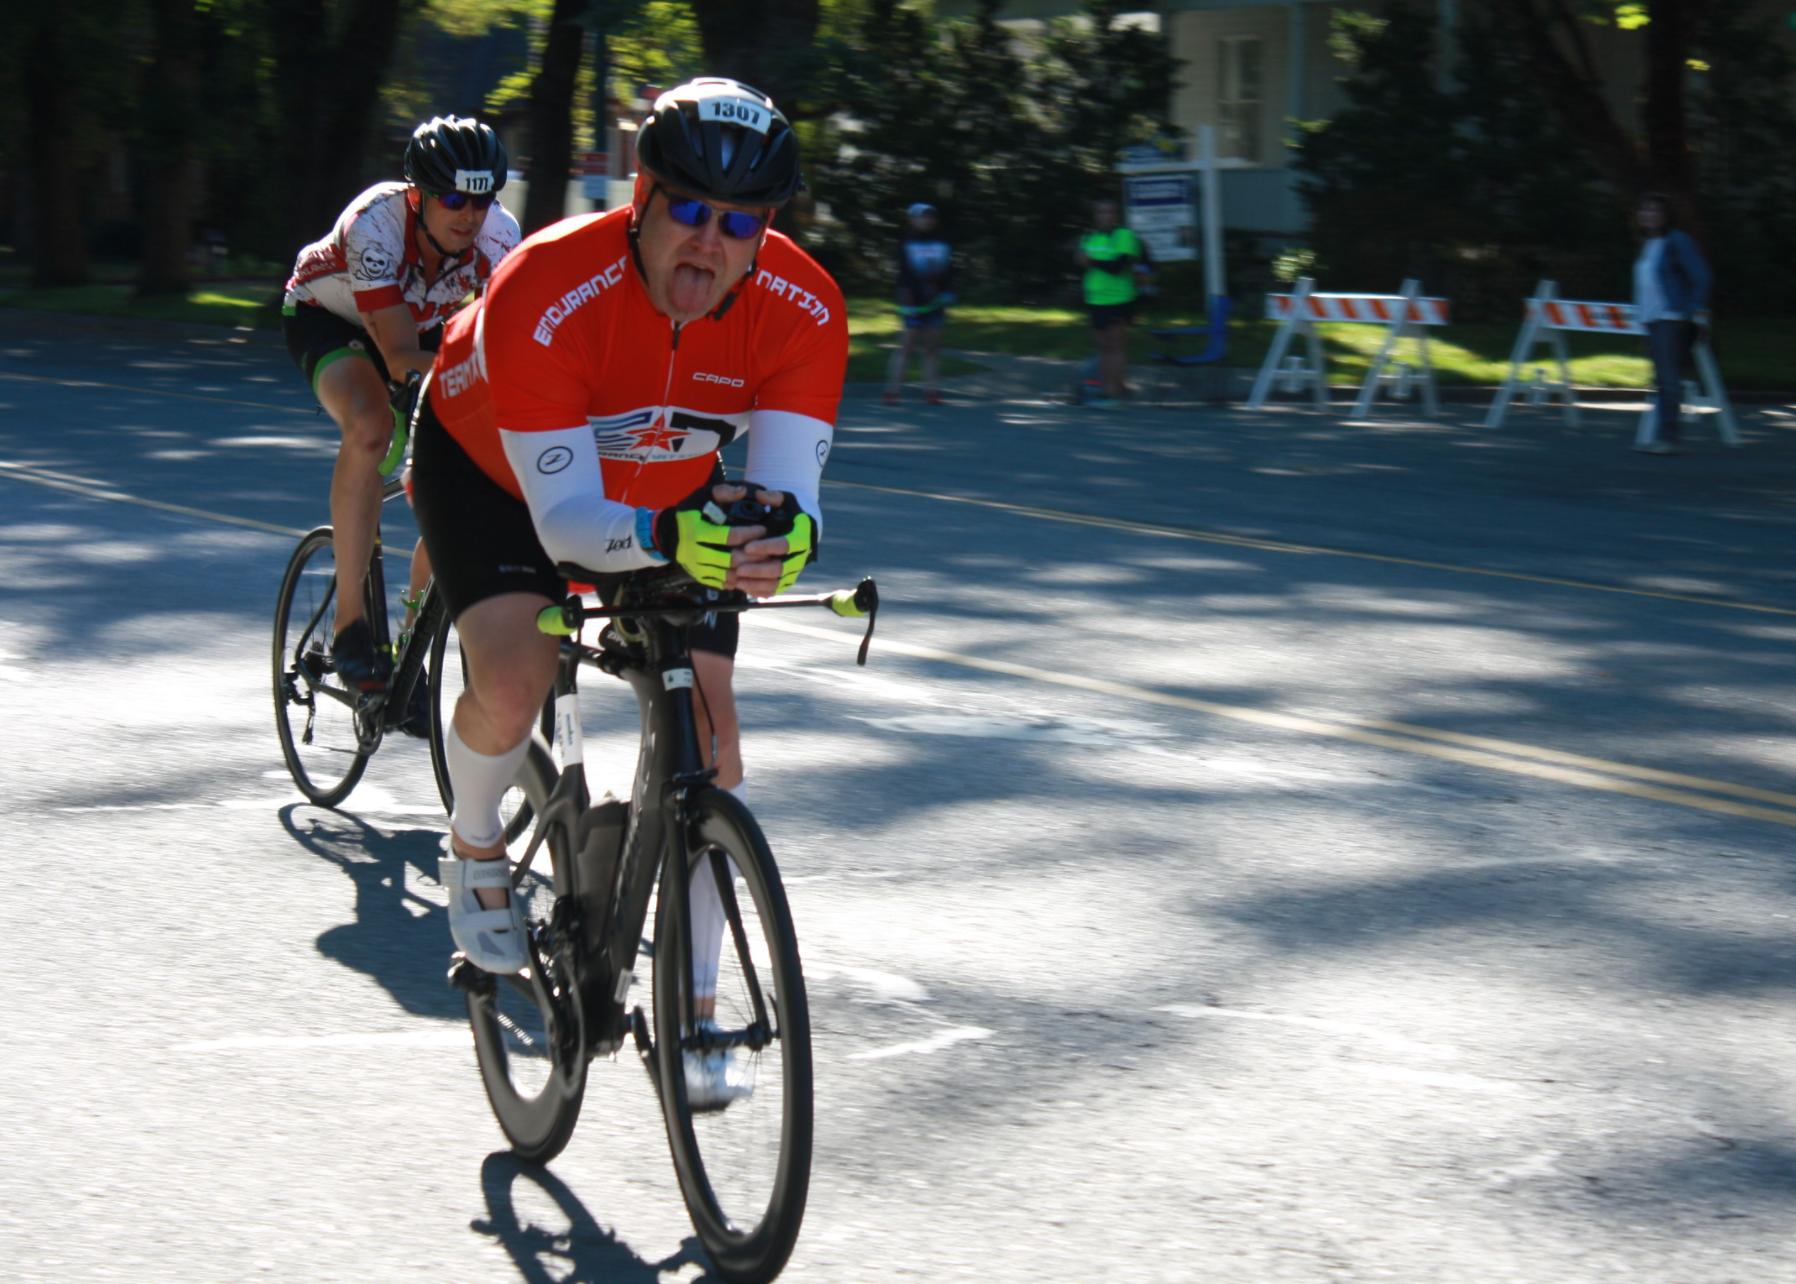 Marc On the Bike In IMCDA